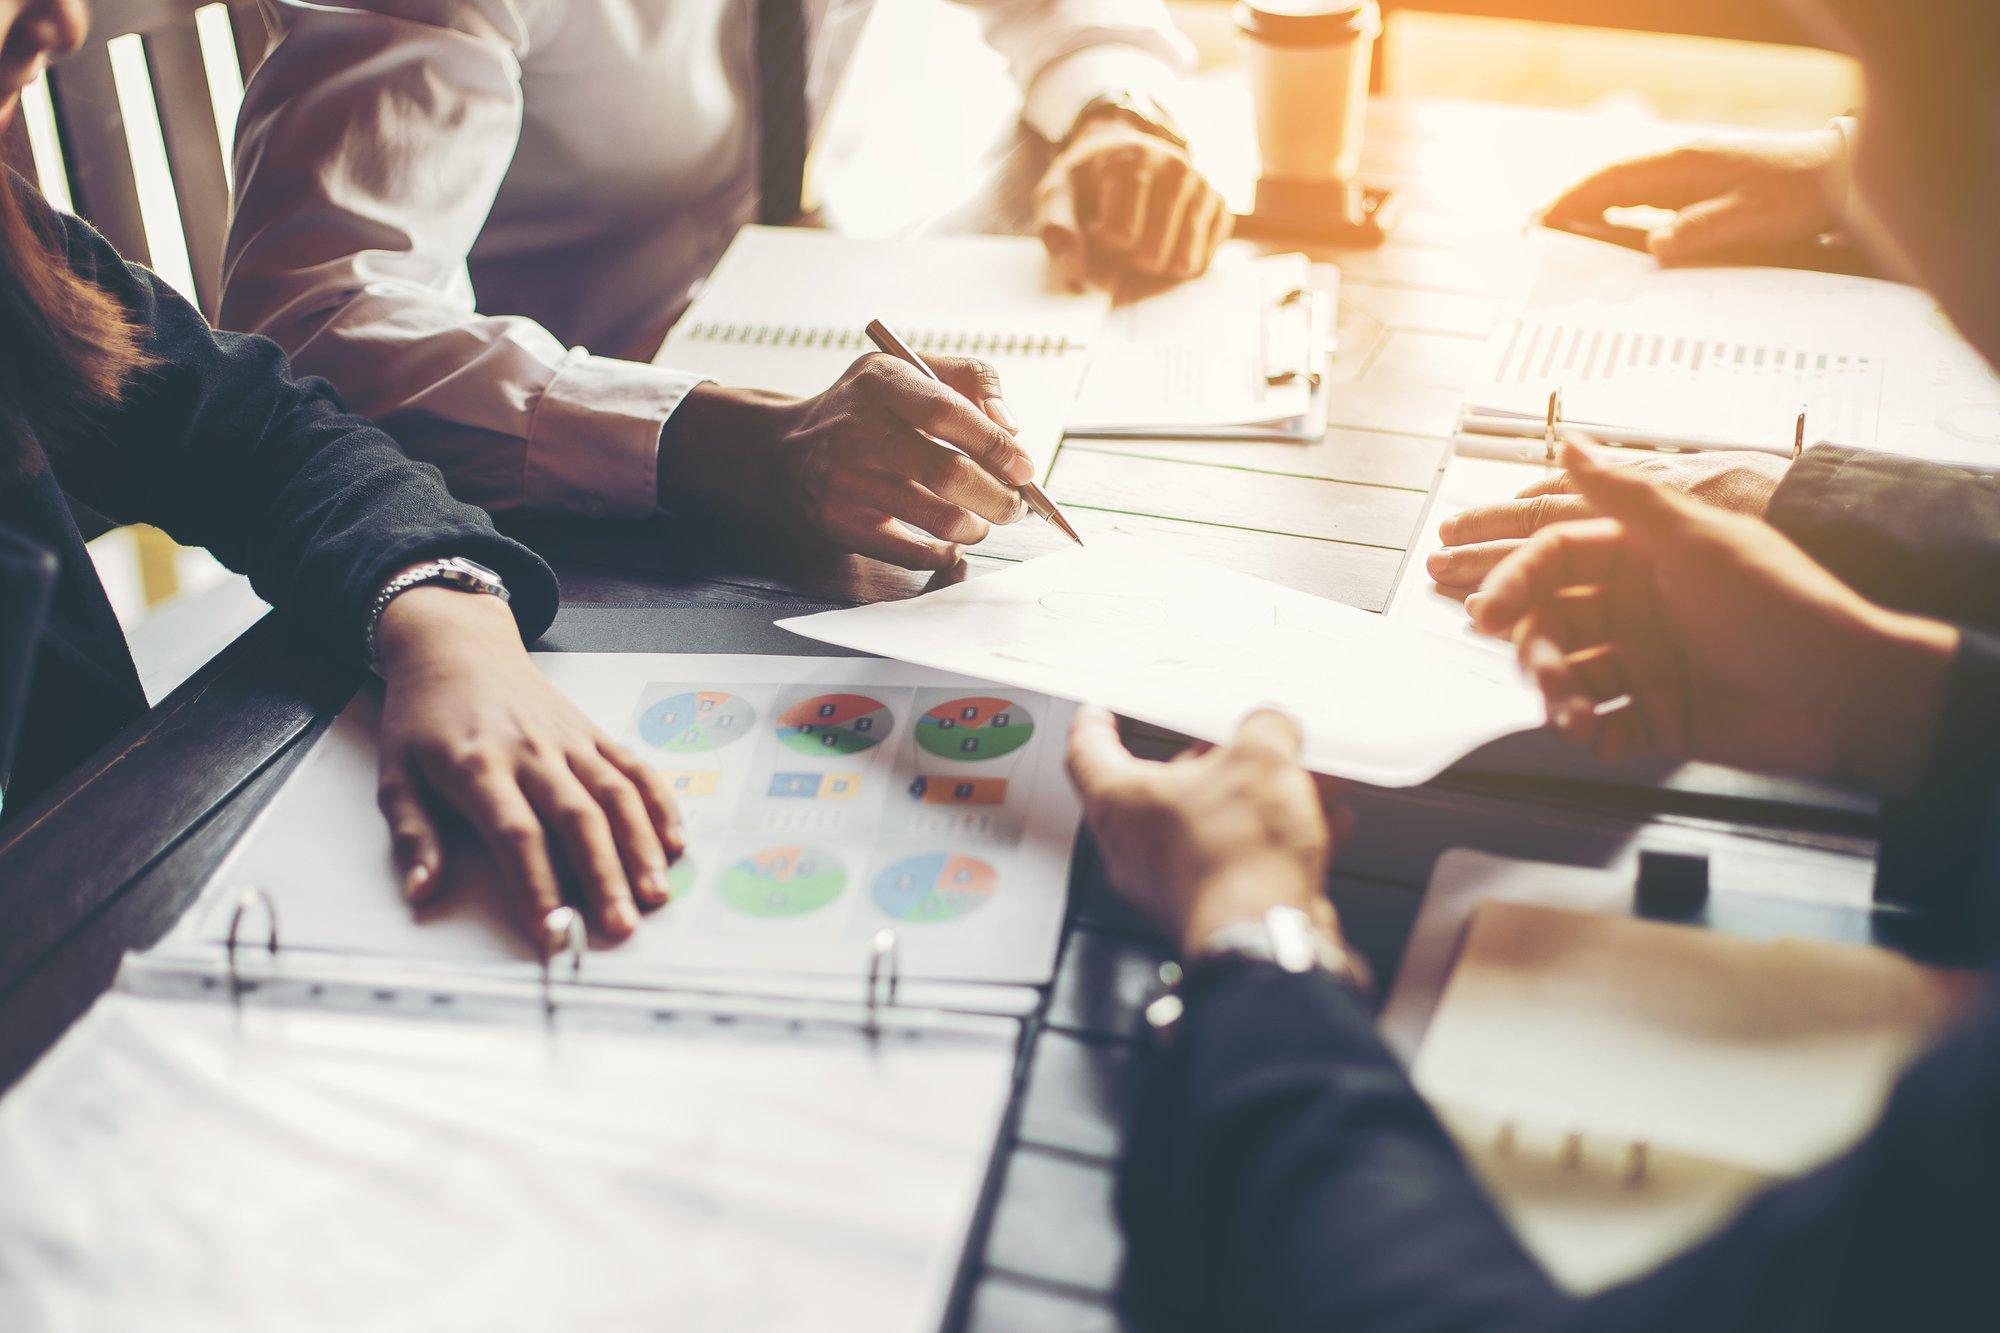 10 mythes concernant la gestion de projet réfutés